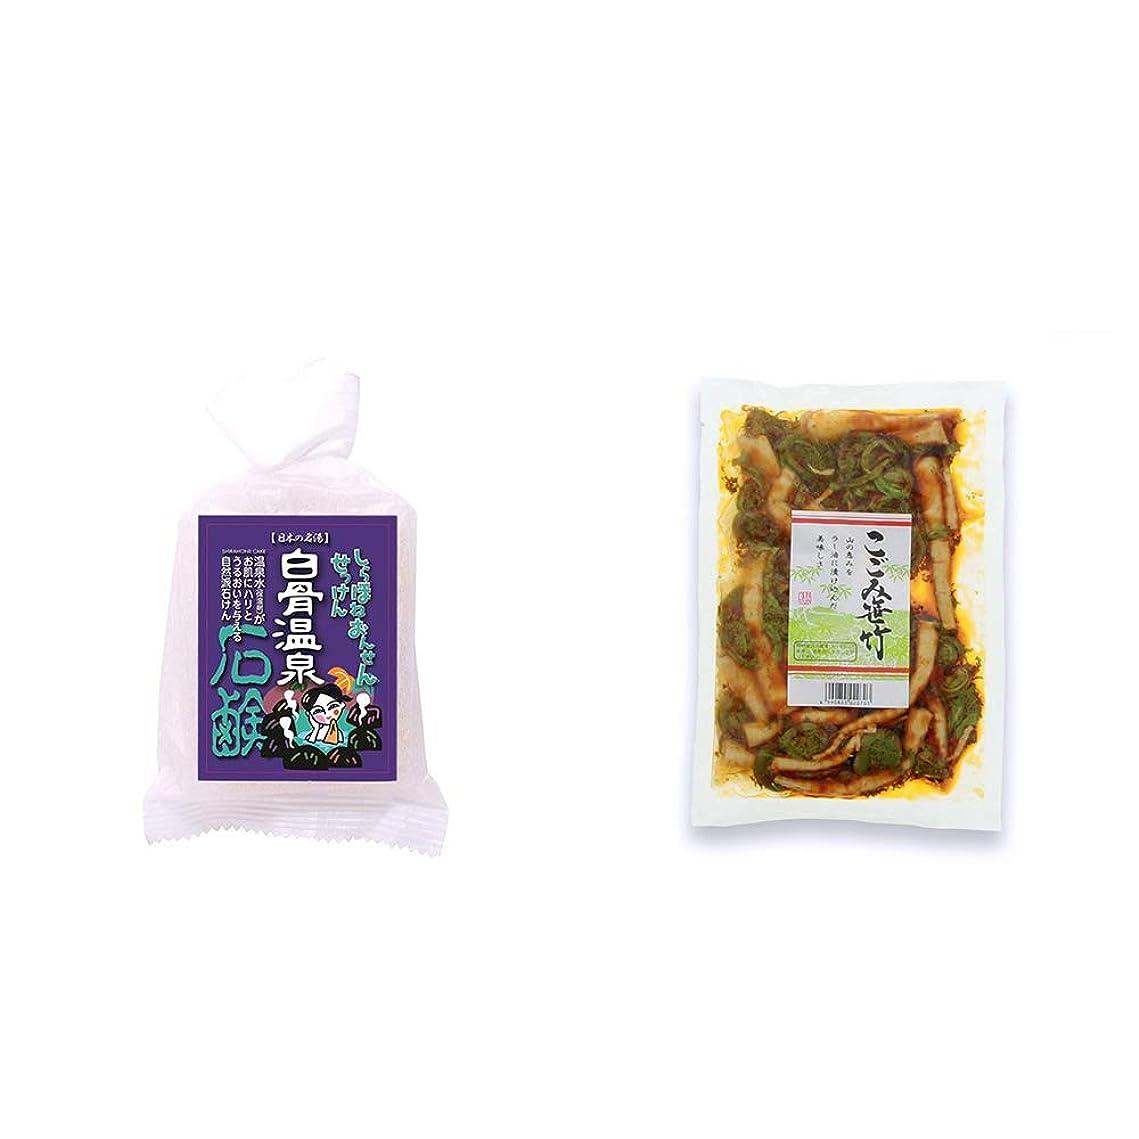 薬硬化する活気づける[2点セット] 信州 白骨温泉石鹸(80g)?こごみ笹竹(250g)